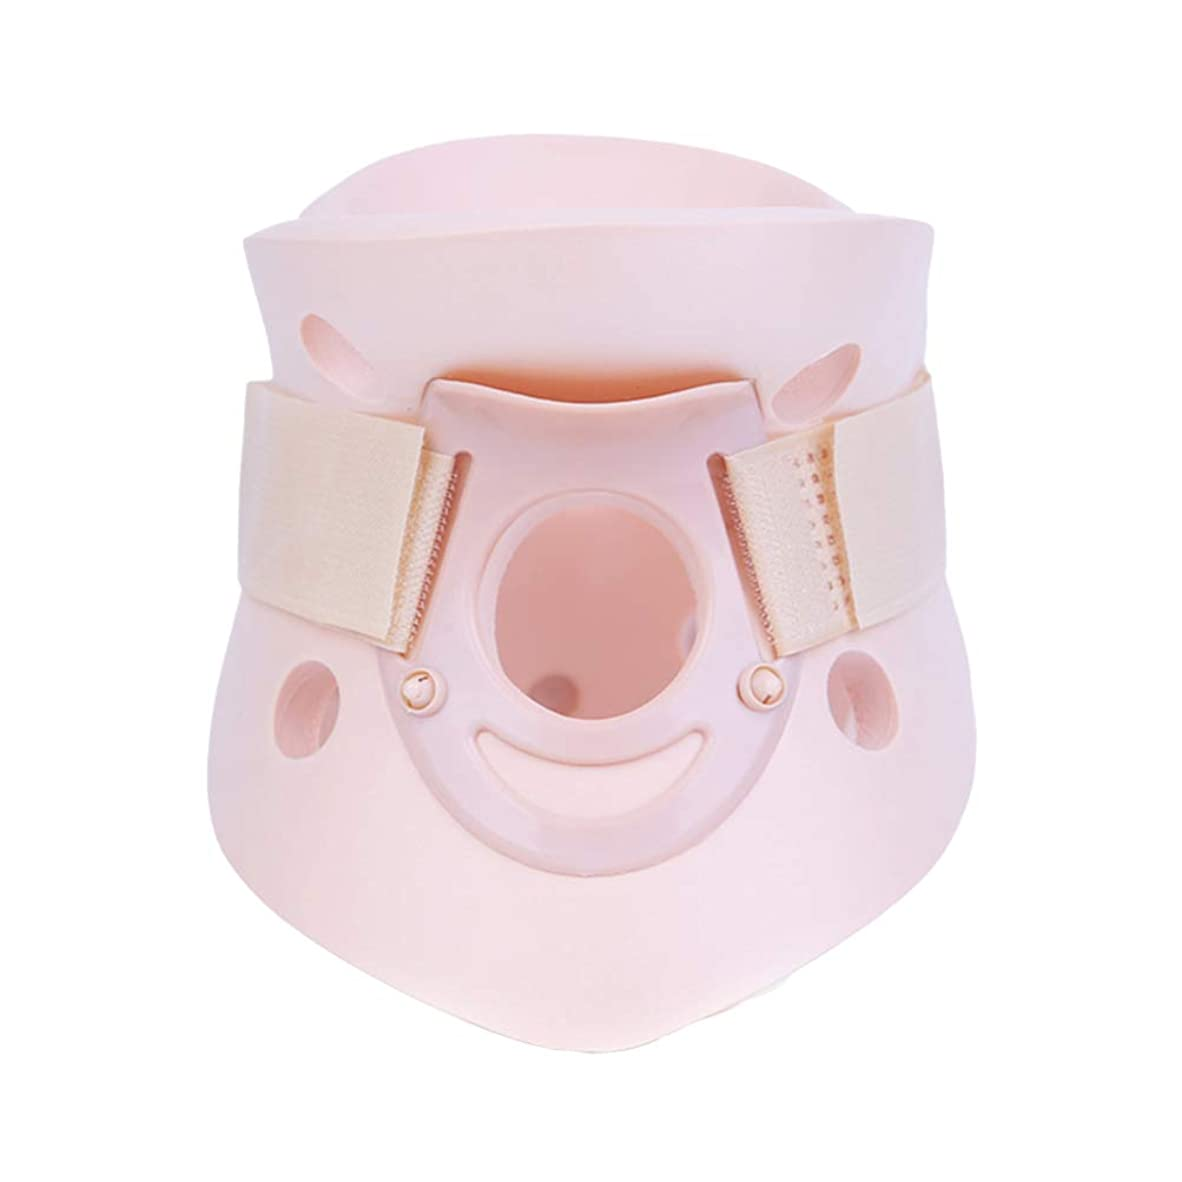 取り付け戦闘遠近法SUPVOX ネックブレース頸部カラーネックサポートにより、脊椎ラップの圧力を緩和し、脊椎を安定させて、カイロプラクティックの慢性的な首の痛み脊椎のアライメントを調整します